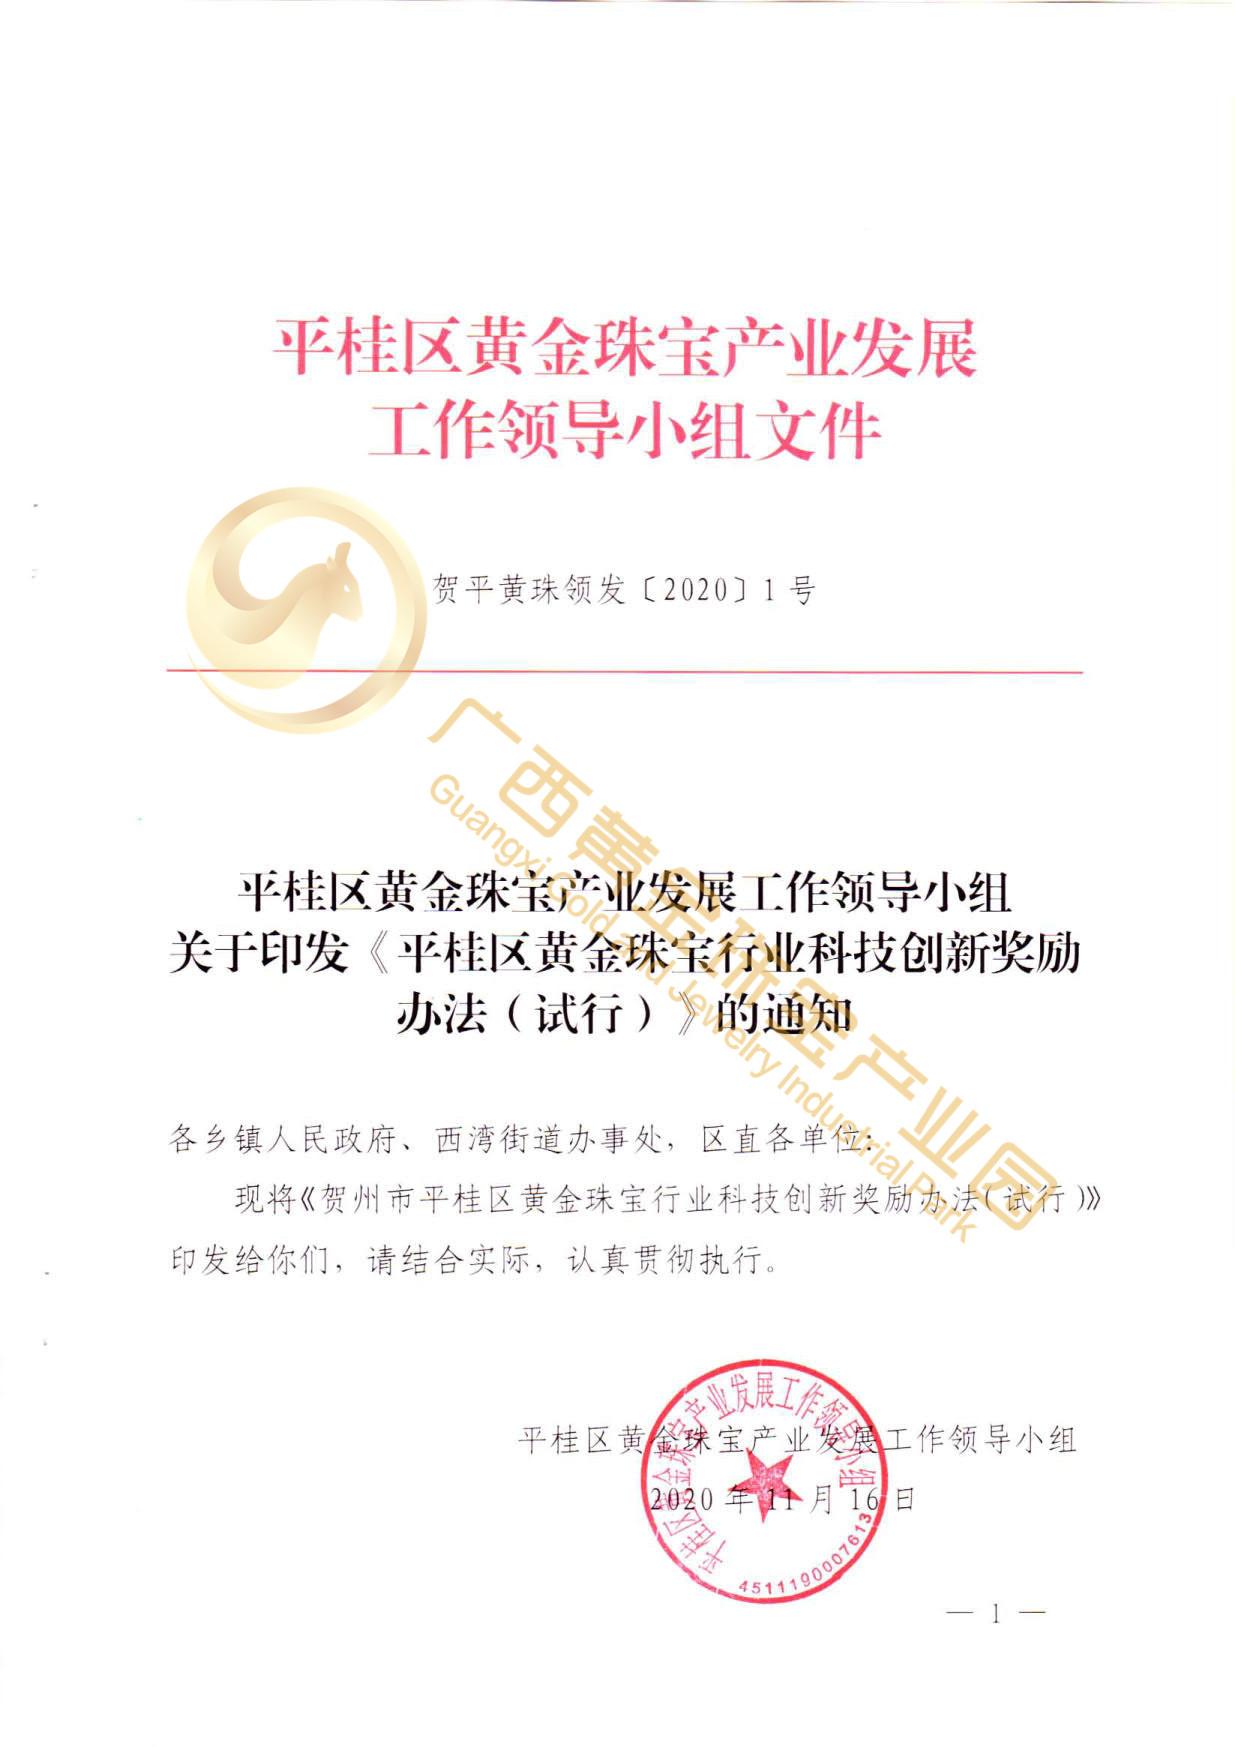 关于印发贺州市平桂区黄金珠宝行业科技创新考核奖励办法的通知